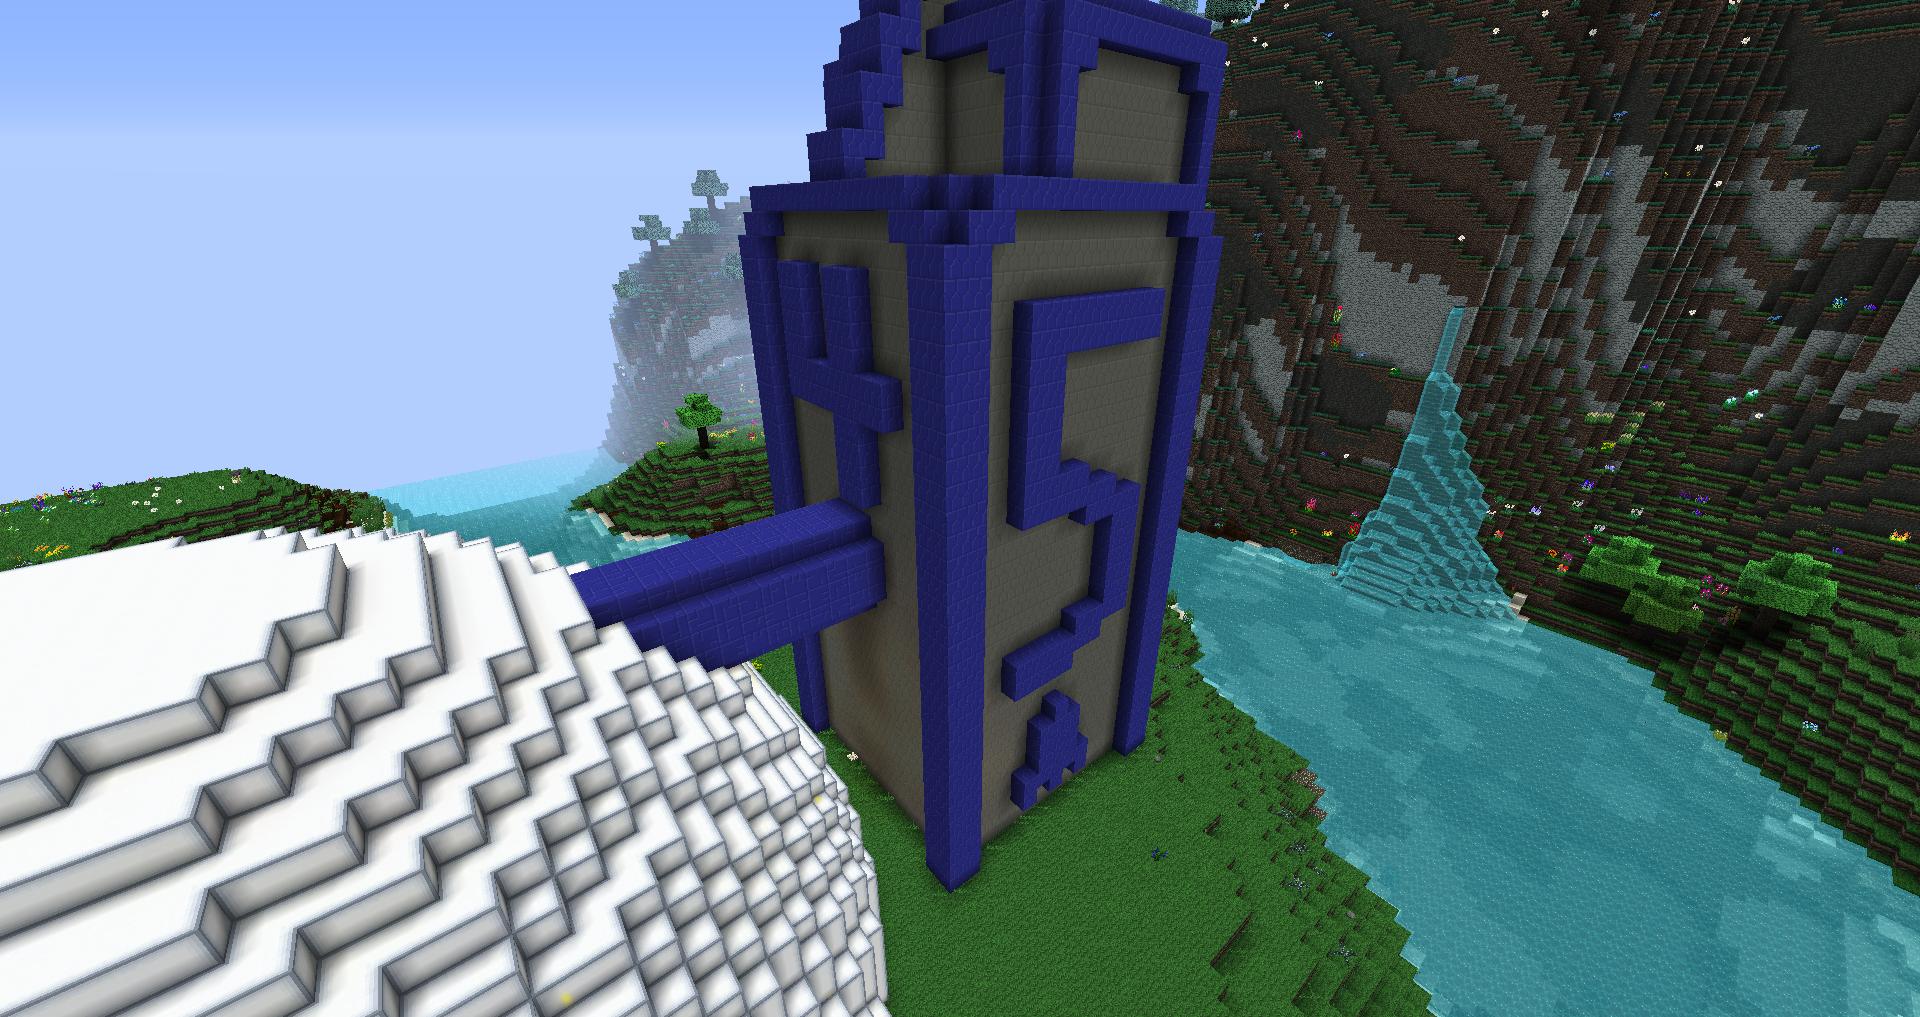 GFL - Duc's 5th Minecraft Build Showcase - Off-Topic